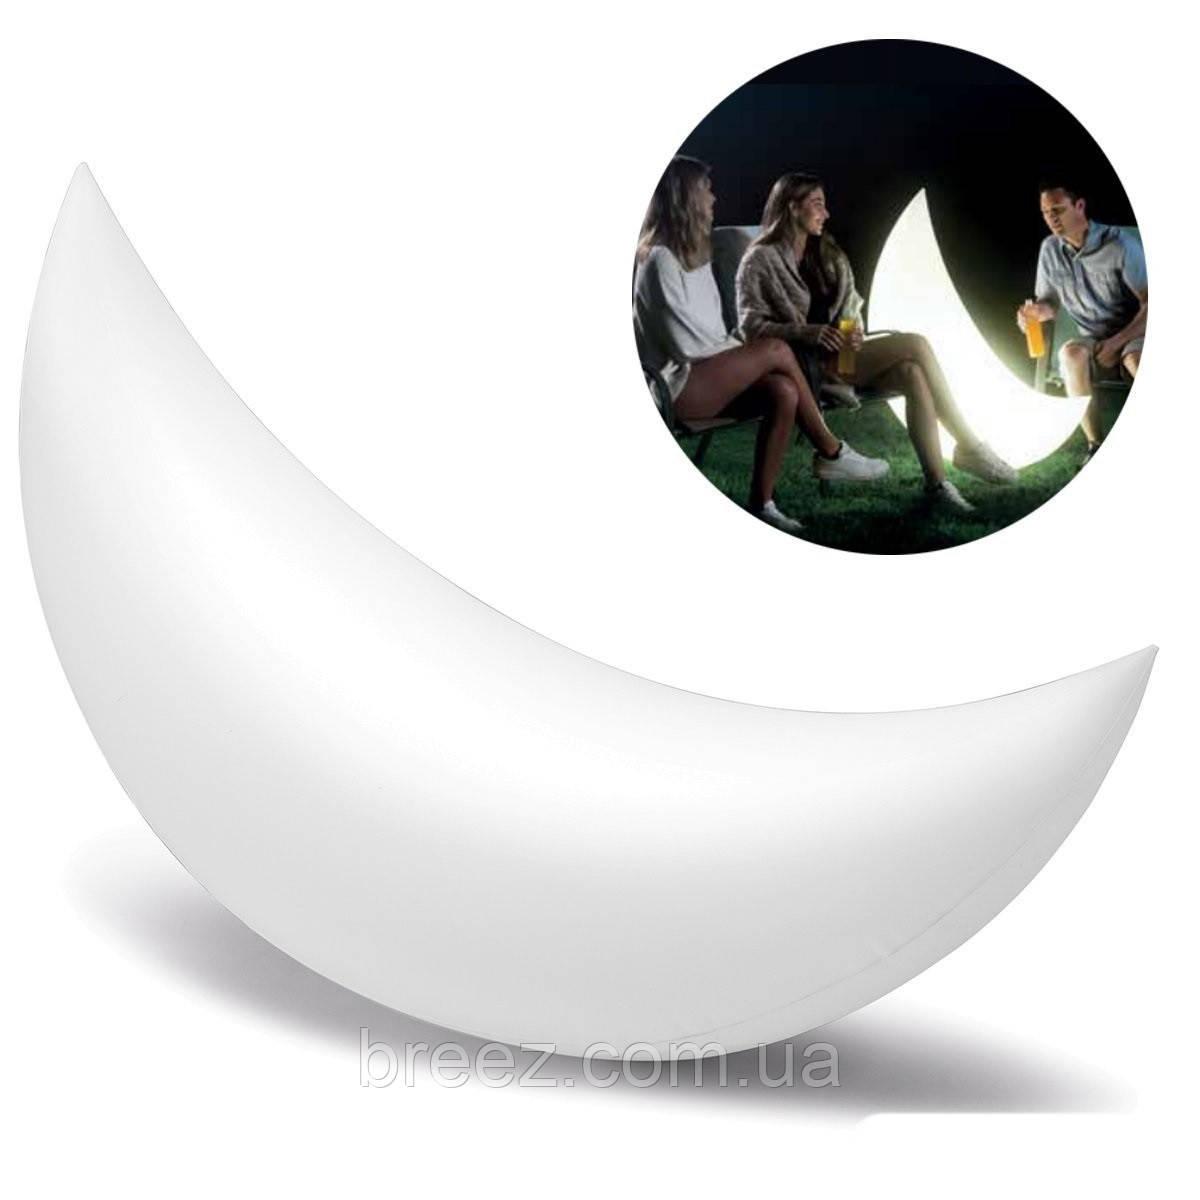 Светодиодная декоративная подсветка, фонарь Intex Полумесяц надувной, плавающий